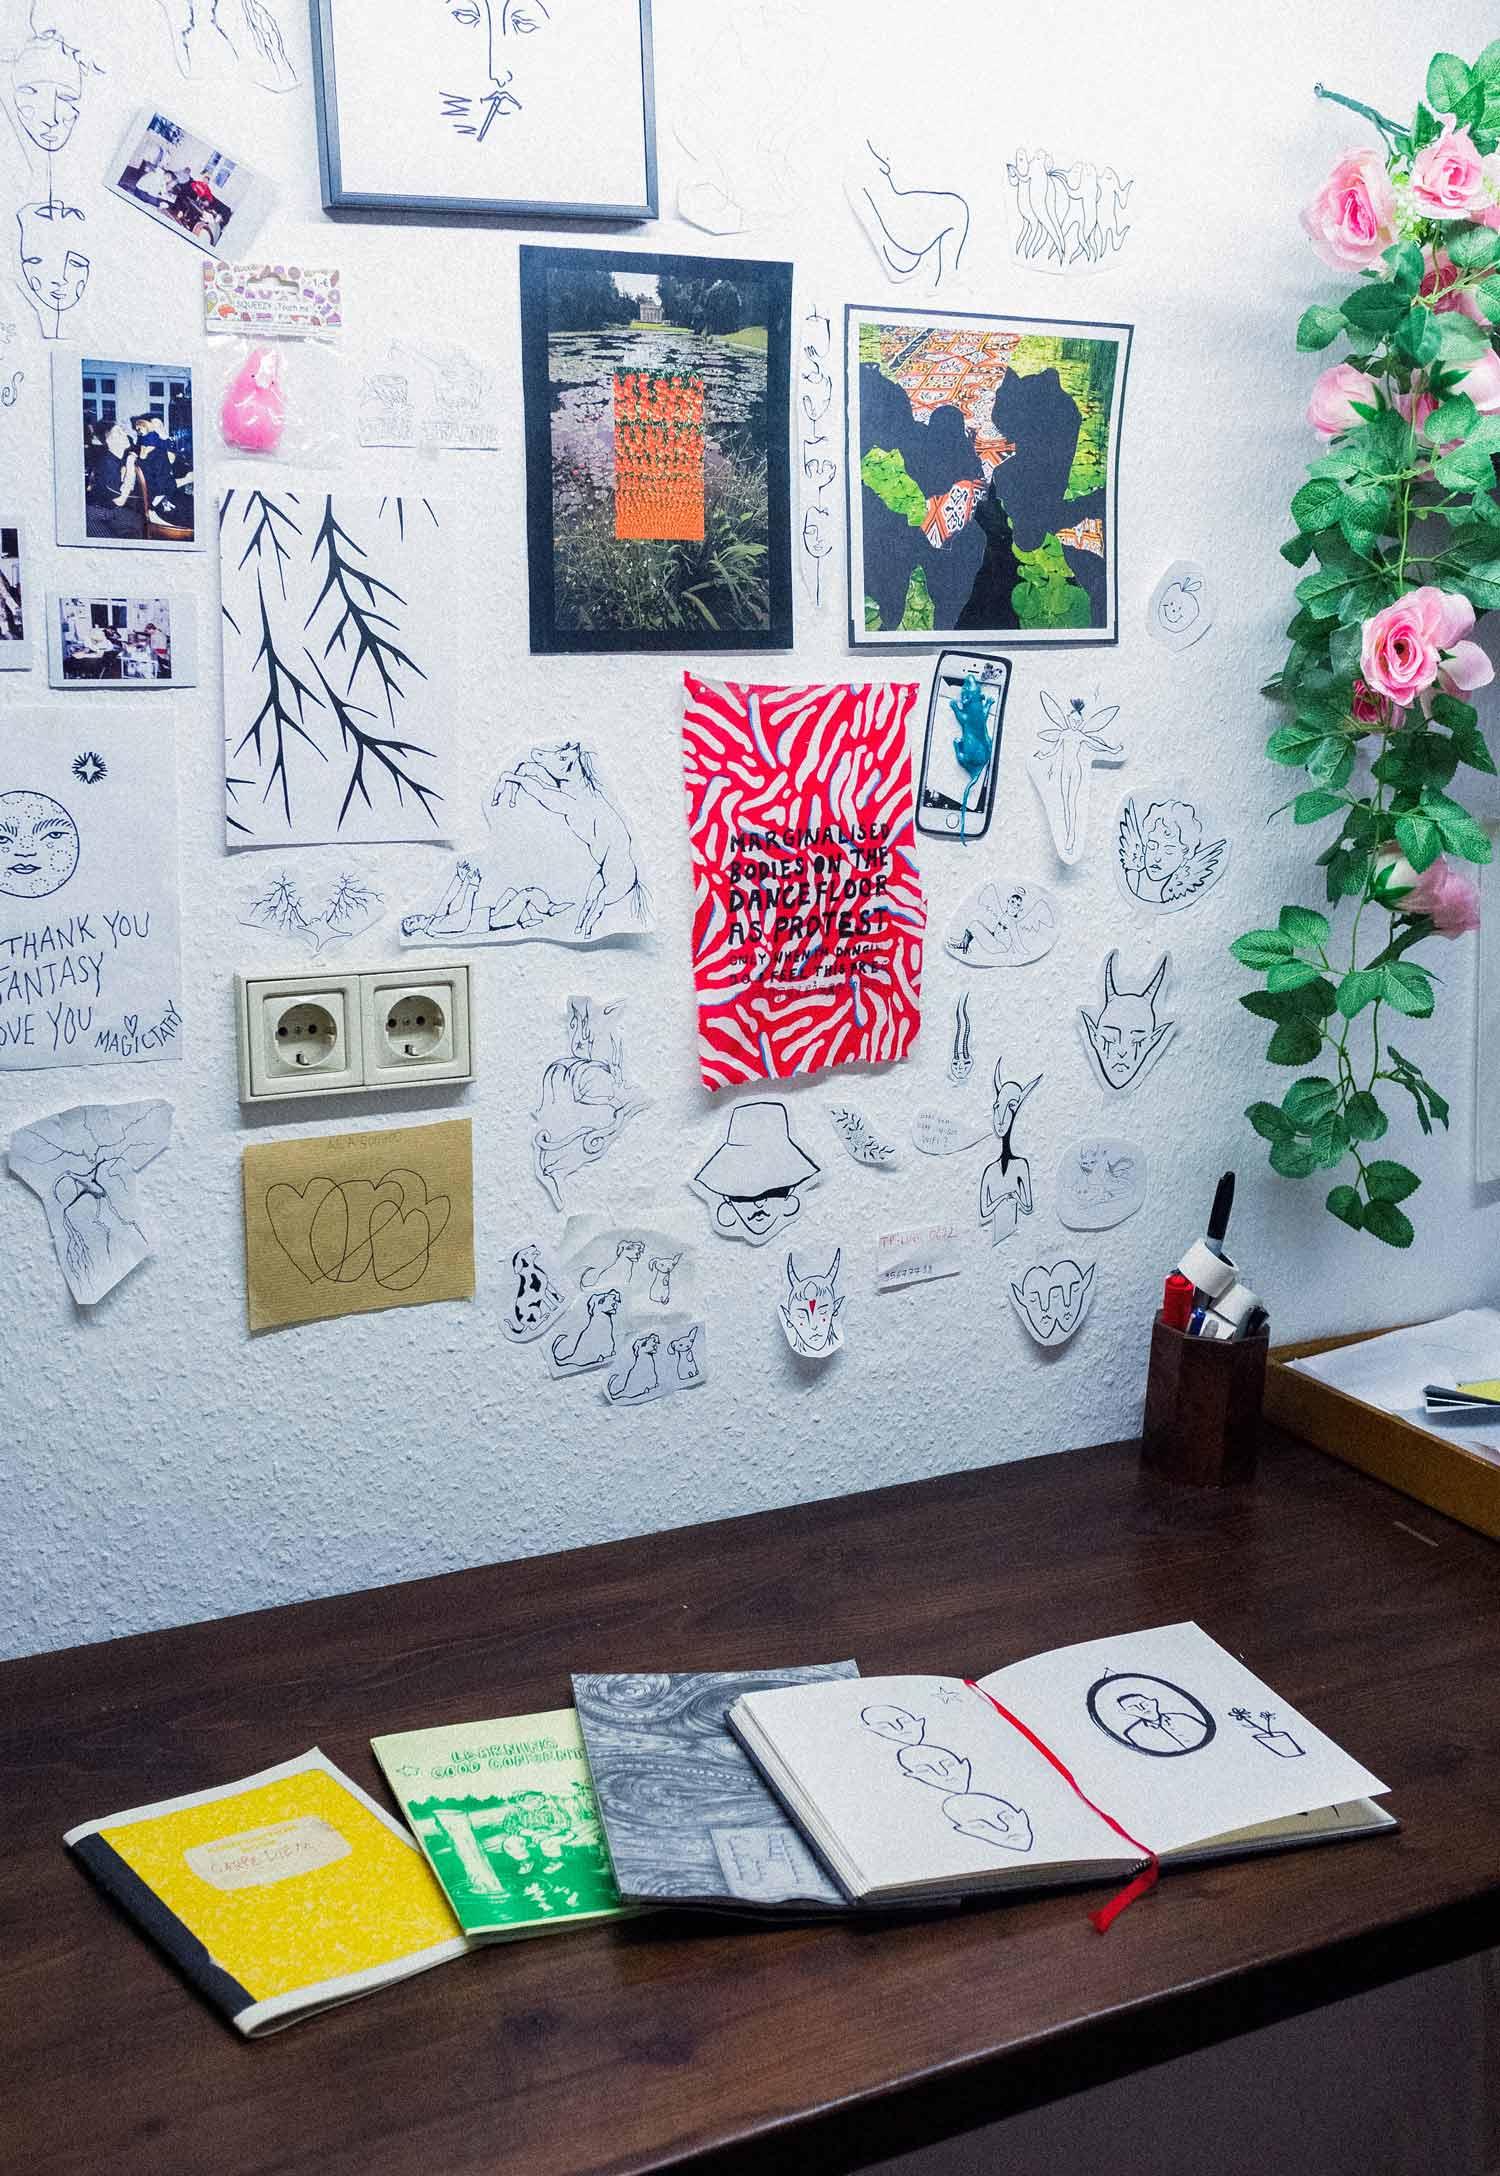 Everpress-blog-process-rio-sipos-iambabyking-studio